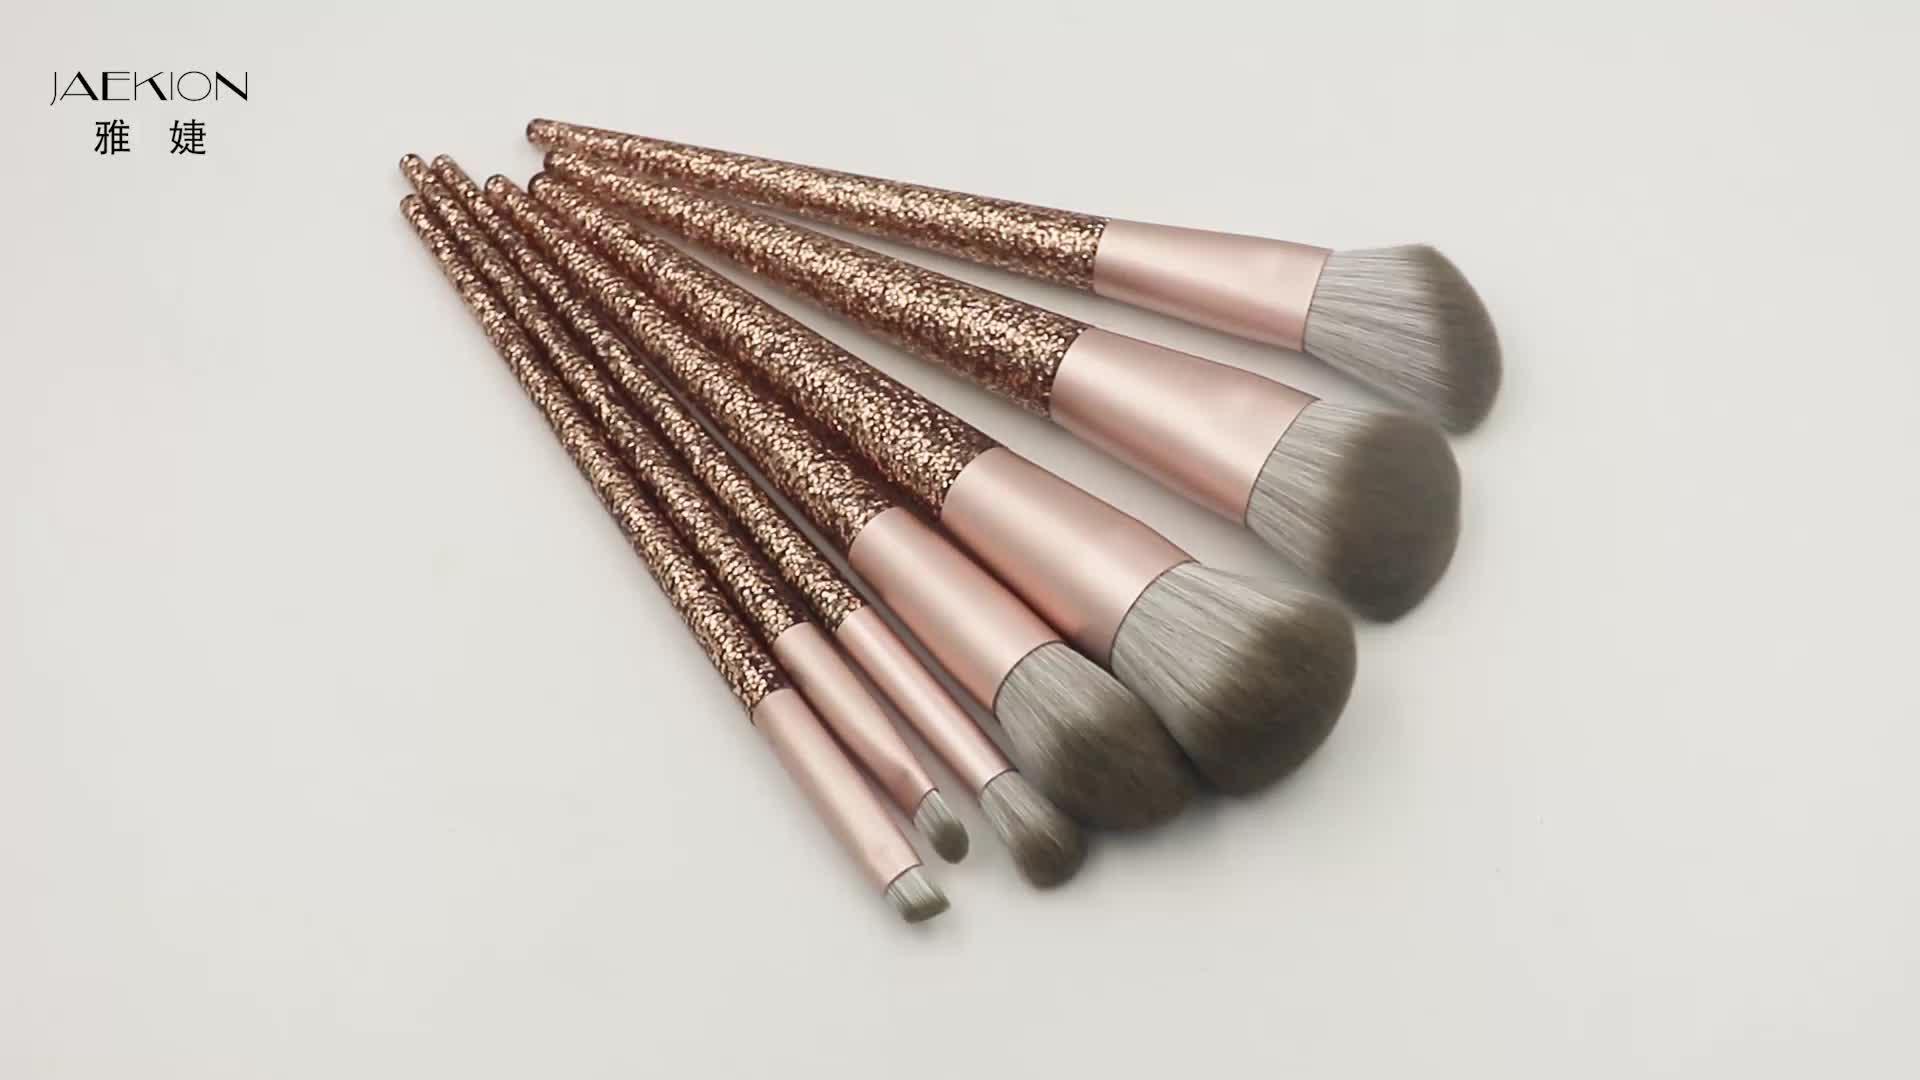 Nuovo Design di Alta Qualità Private Label Professionale 7 pcs Glitter Oro Maniglia di Bellezza Morbido Cosmetici Spazzola di Trucco Portatile Set